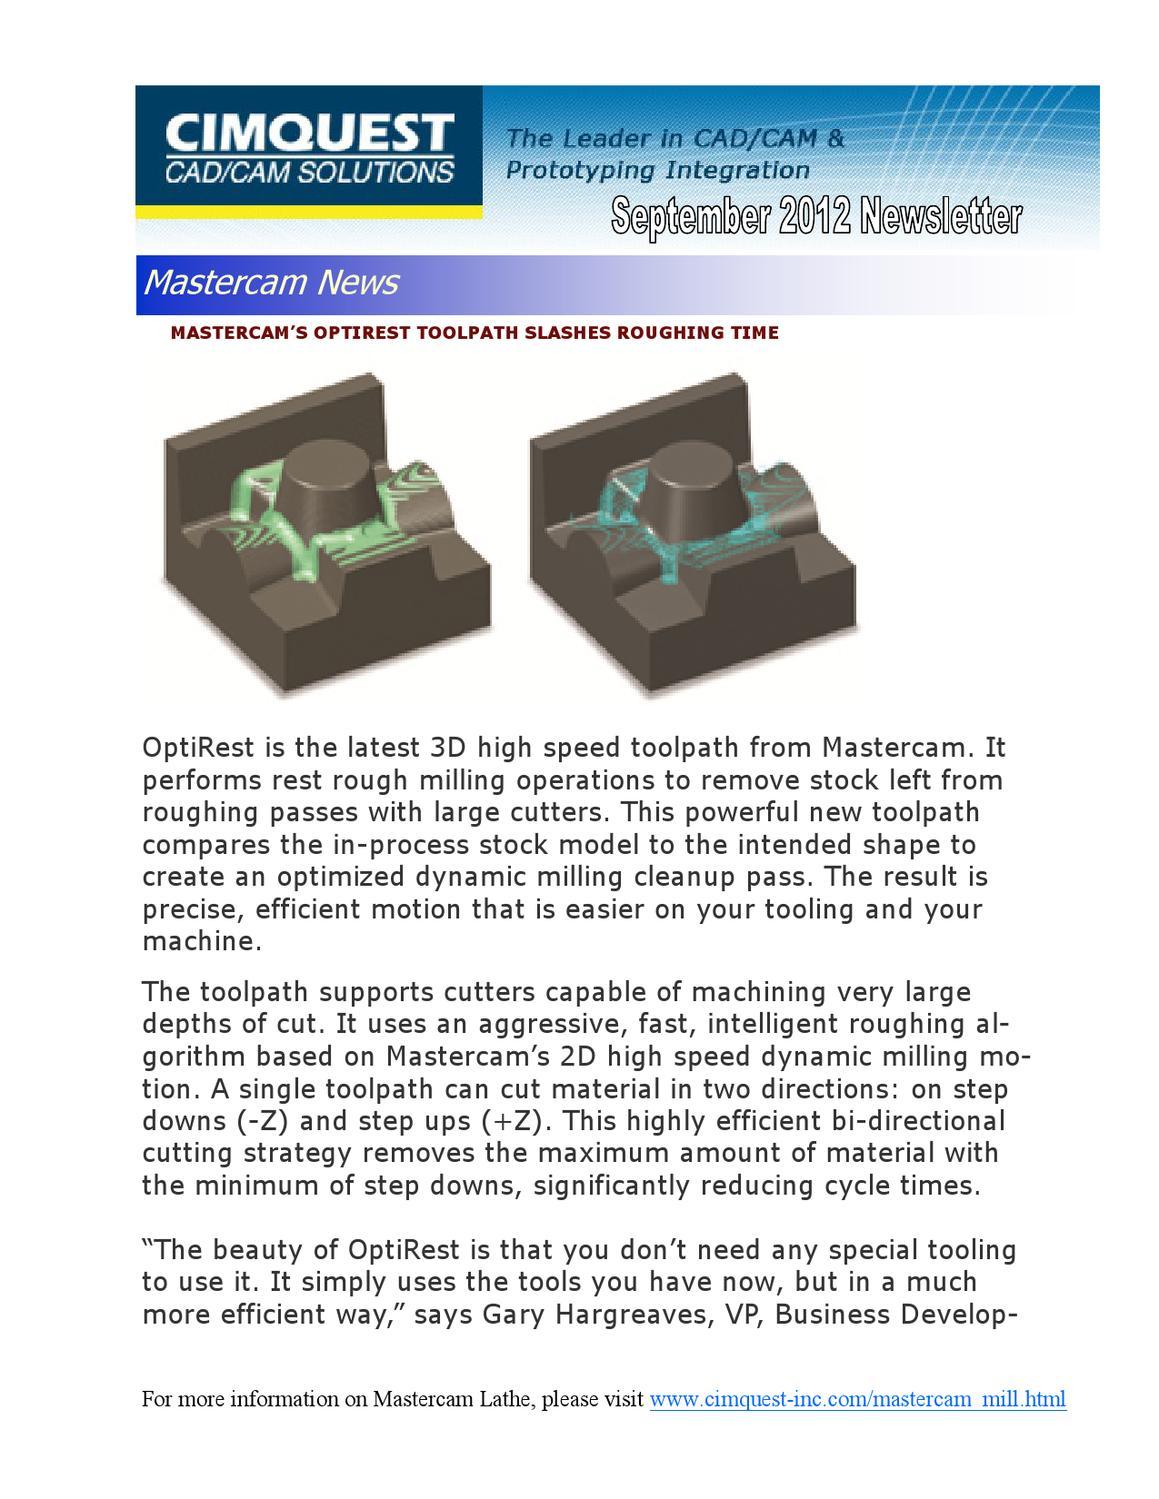 September 2012 Cimquest Mastercam Newsletter by Cimquest - issuu